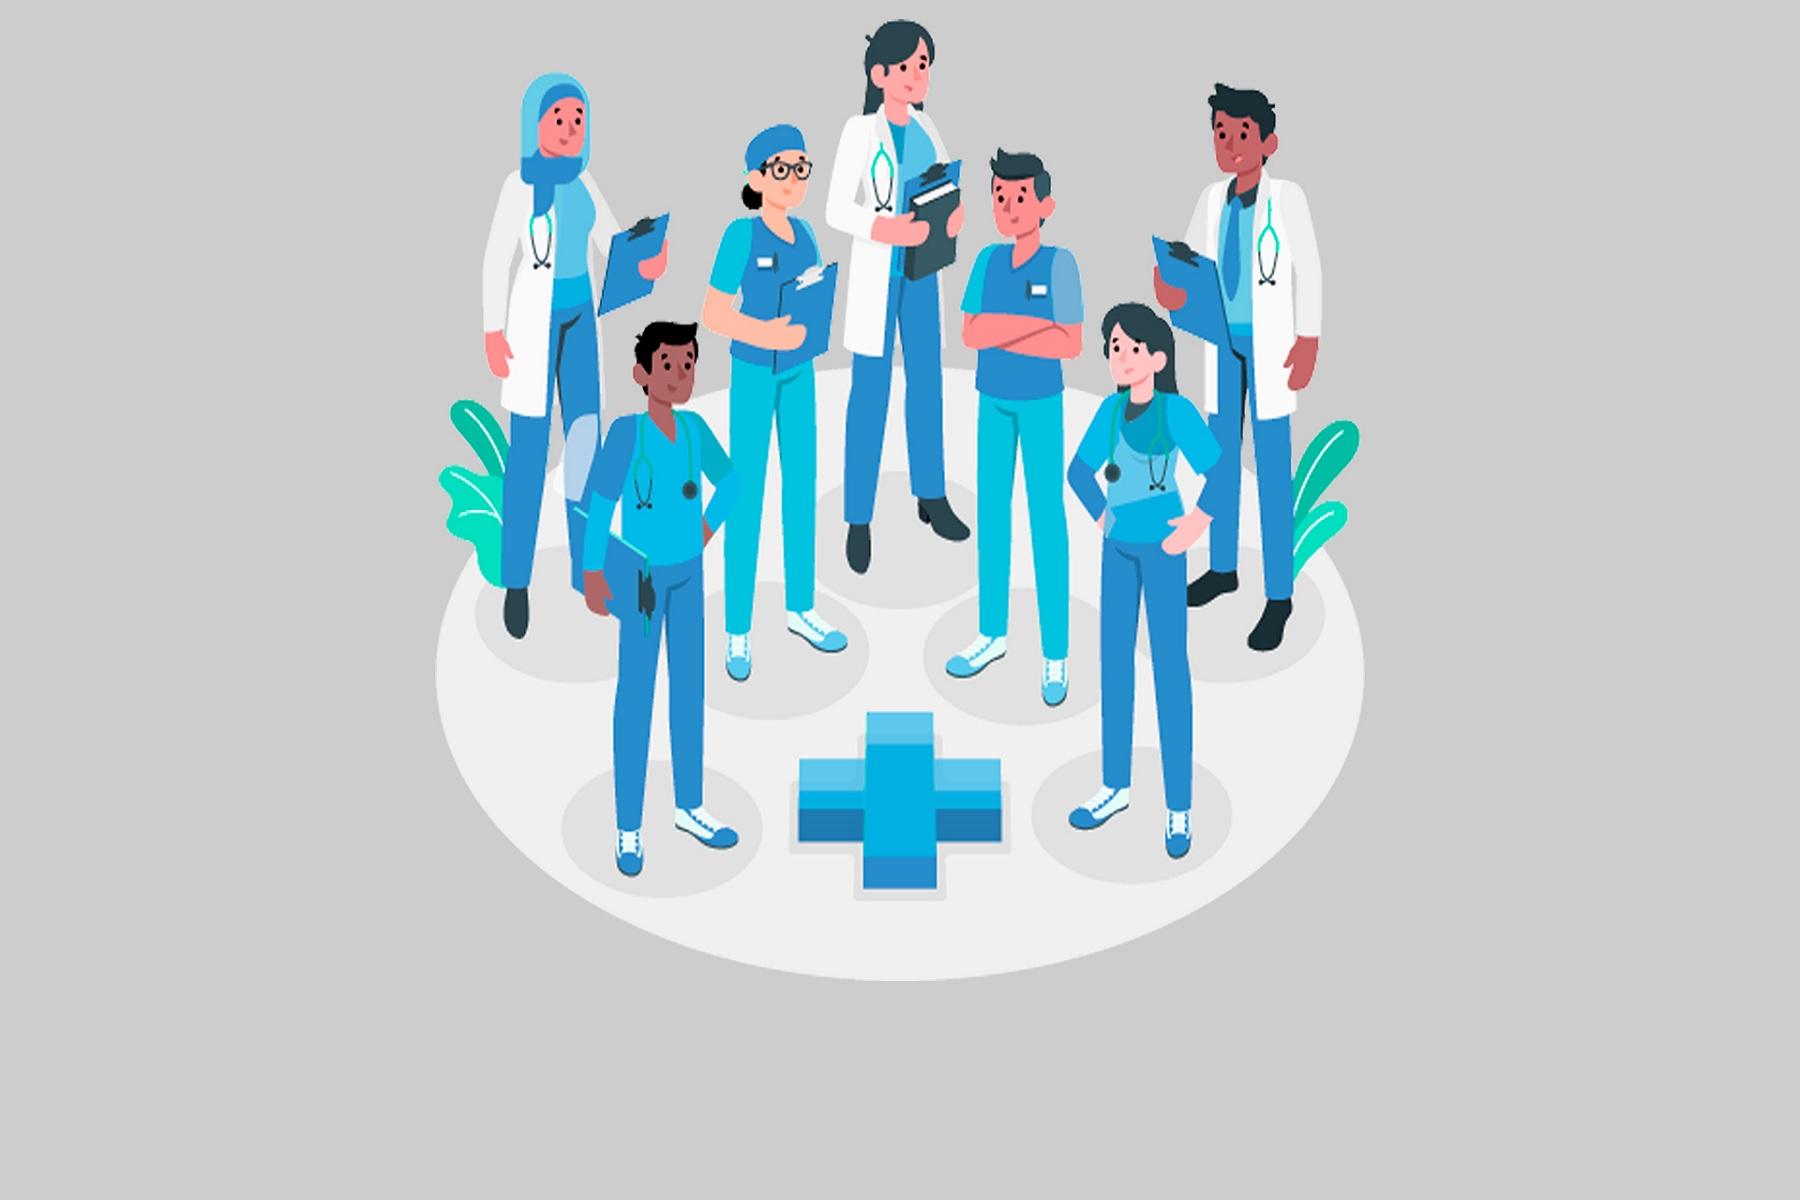 Ινδία νοσοκομείο τεχνολογία: Το πρώτο αποκλειστικά με ψηφιακά αρχεία